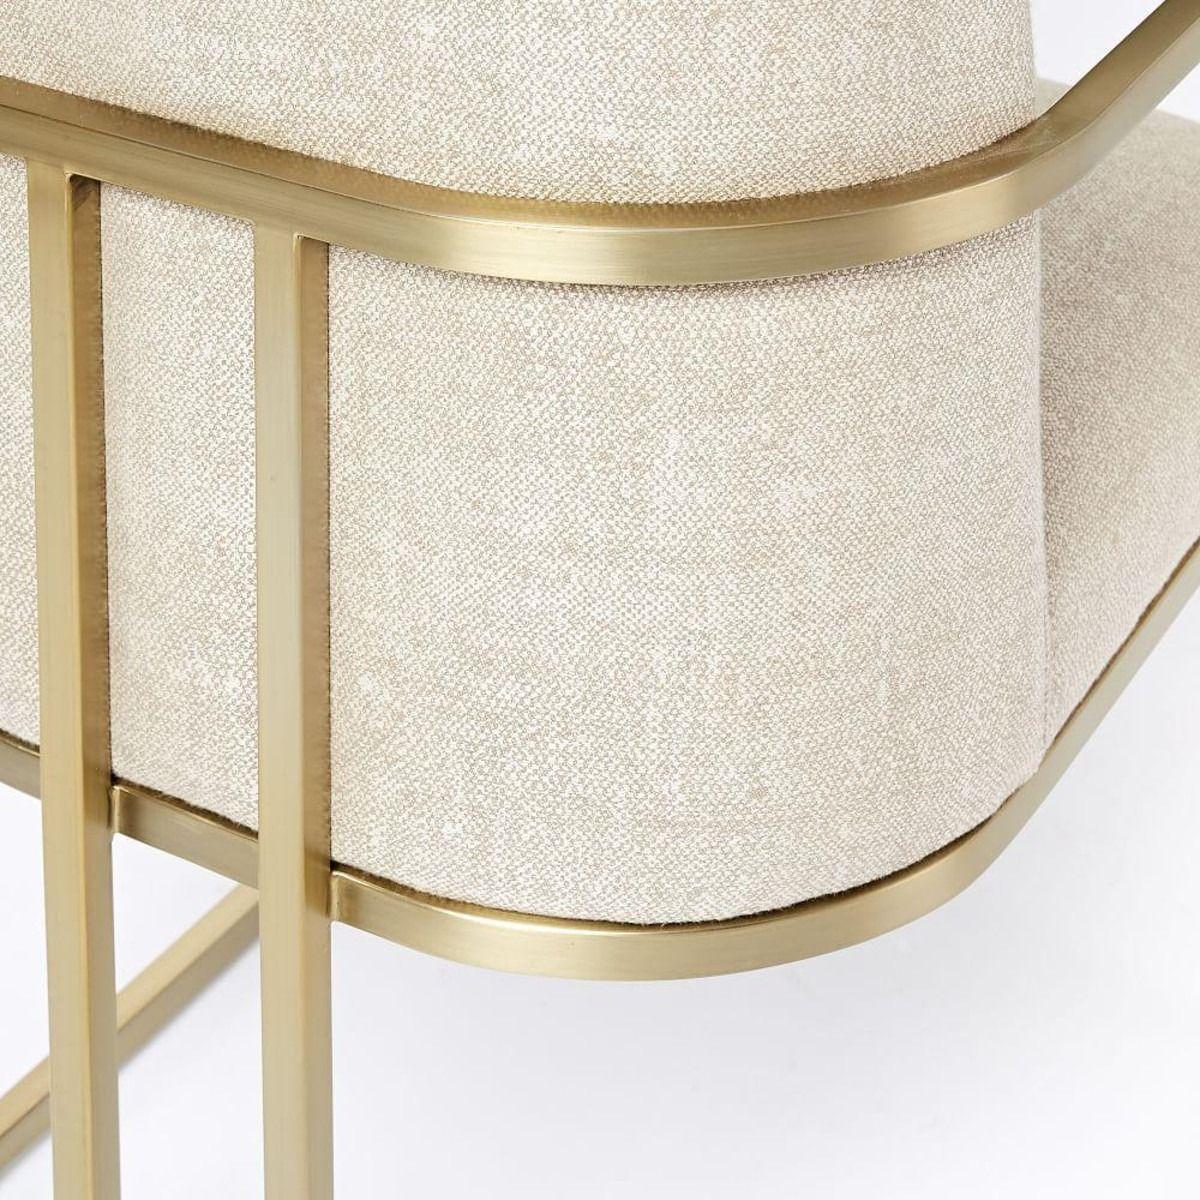 #sandalyeonline #sandalyemodelleri #sandalye #carasandalye #evdekorasyonu #dekorasyonfikirleri #dekorasyonönerileri #icmimar #design #tasarimürünler #interiordesign #interior #chair #chairdesign #gubi #gubichair #architecture #architect